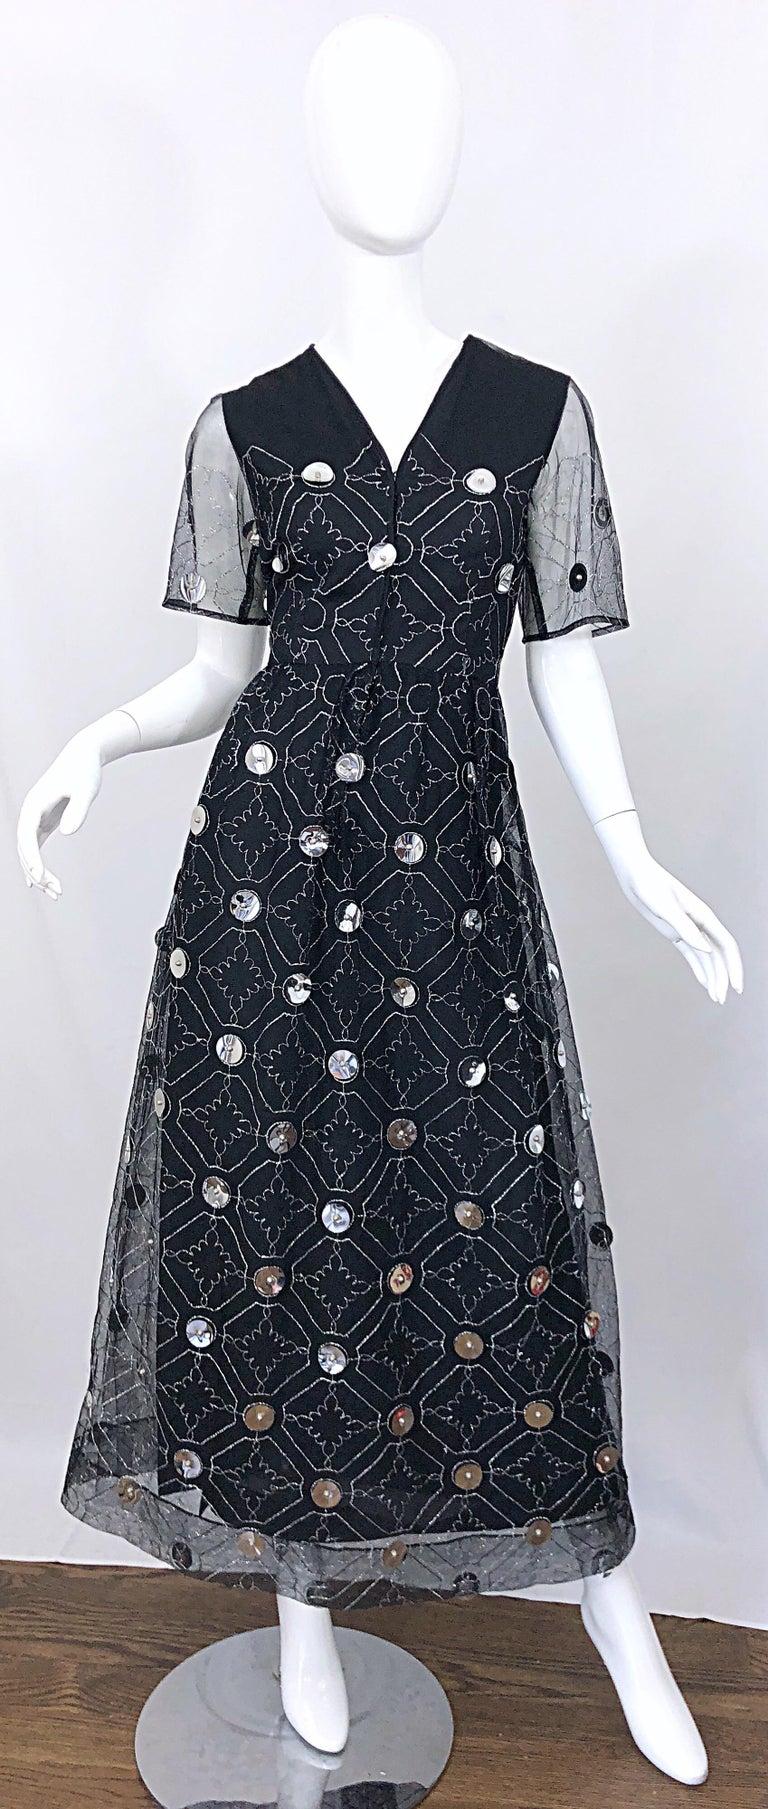 Vintage Oscar de la Renta Sz 10 1970s Black Tulle + Silver Pailletes 70s Gown For Sale 9